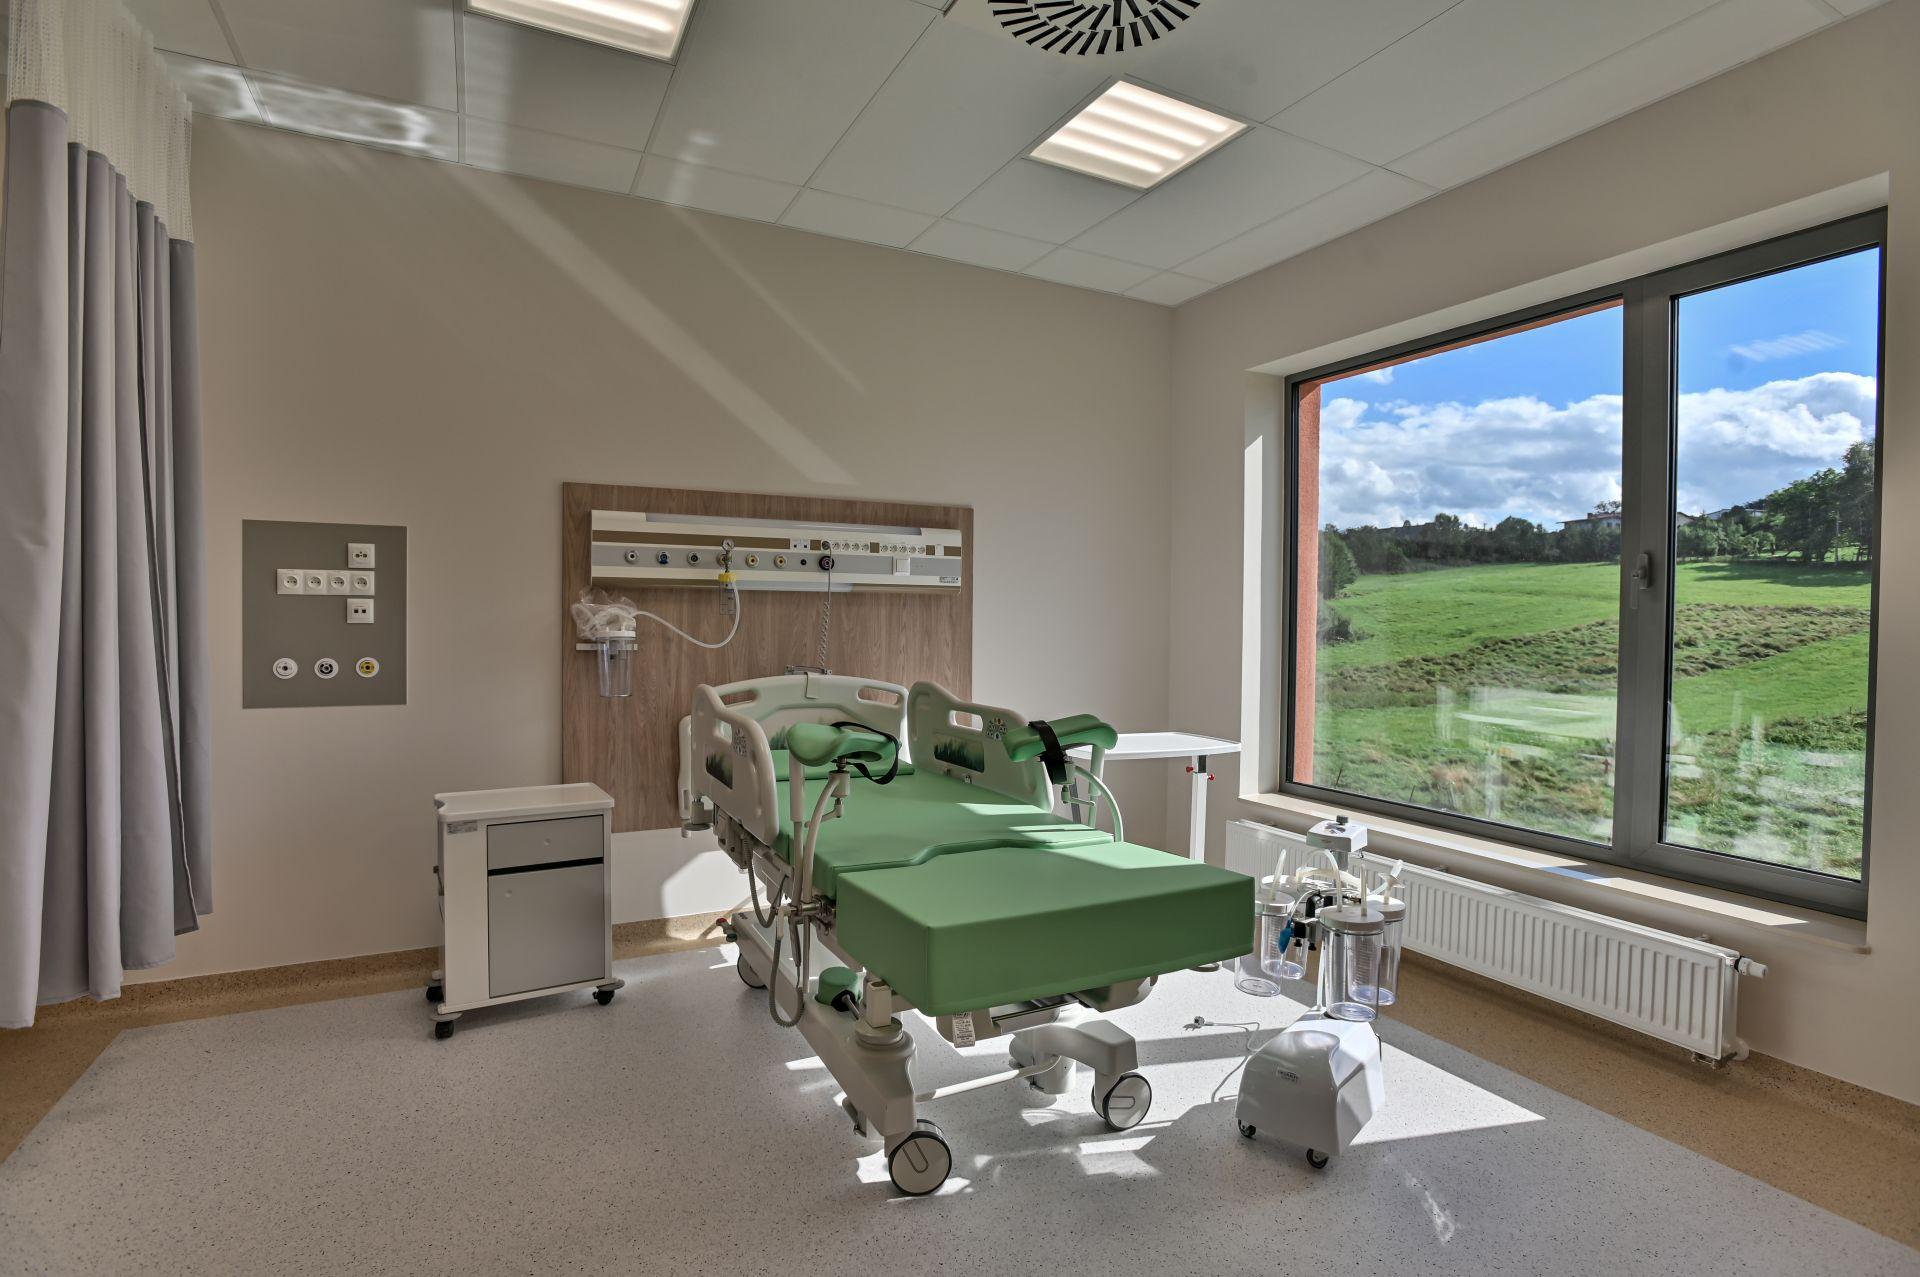 Sala porodowa Szpitala Żywiec